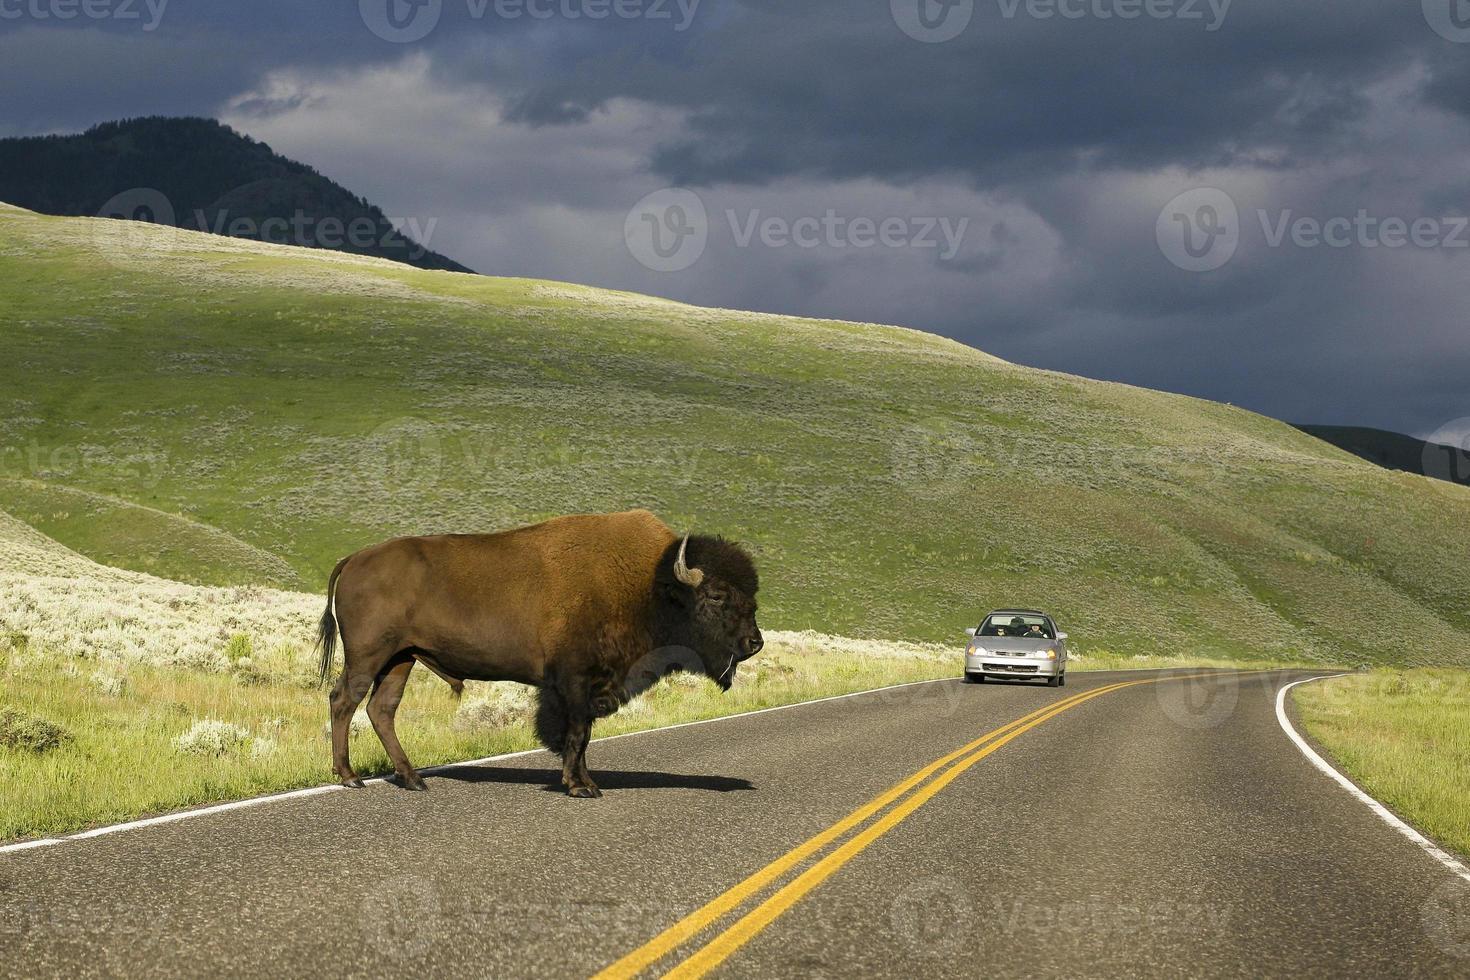 búfalo de estrada foto